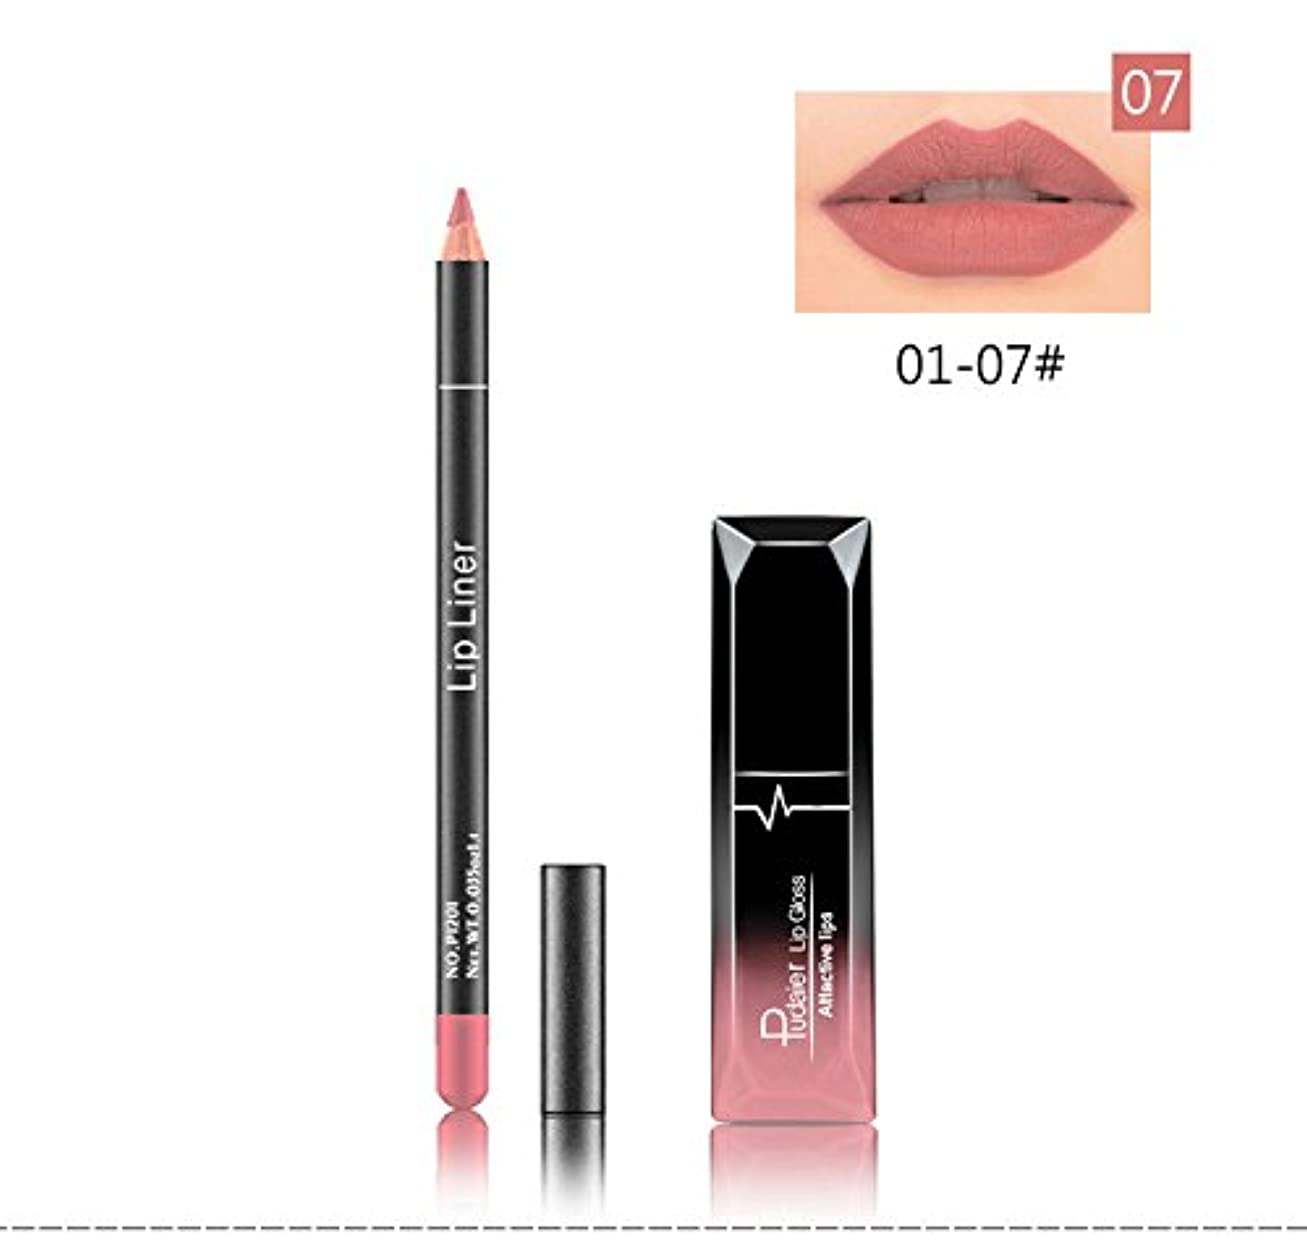 枯渇デンプシーウール(07) Pudaier 1pc Matte Liquid Lipstick Cosmetic Lip Kit+ 1 Pc Nude Lip Liner Pencil MakeUp Set Waterproof Long Lasting Lipstick Gfit